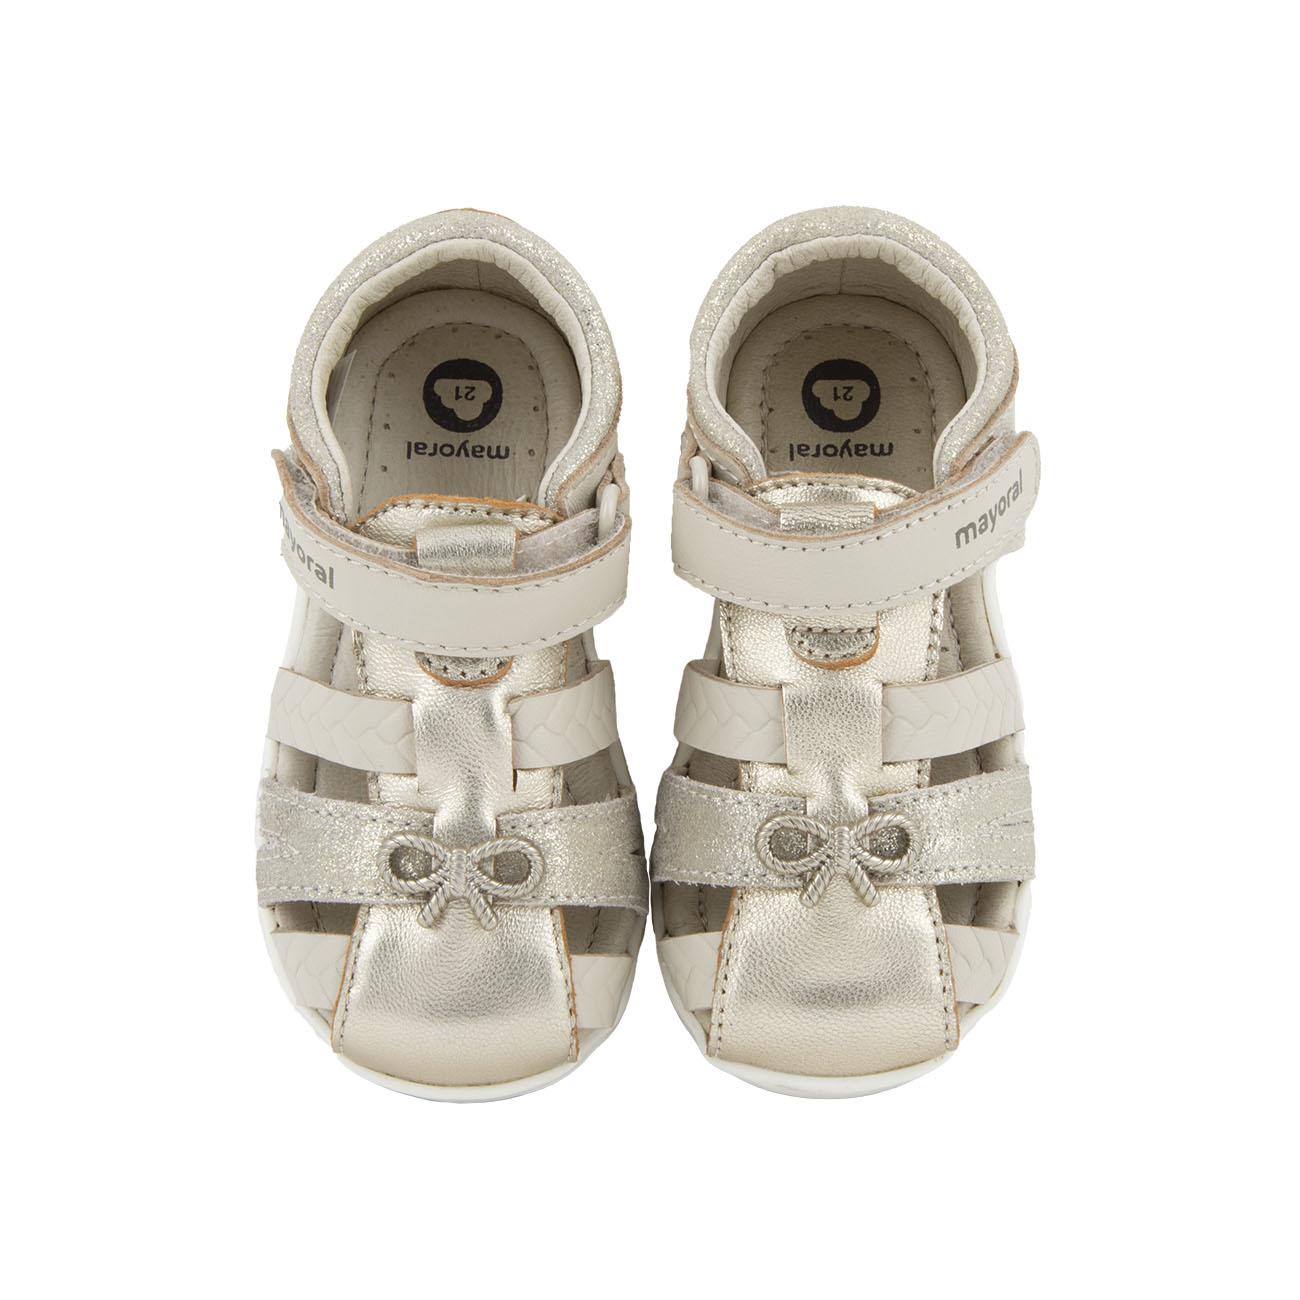 Κορίτσι παπουτσοπέδιλο δερμα MAYORAL 20-41126-035